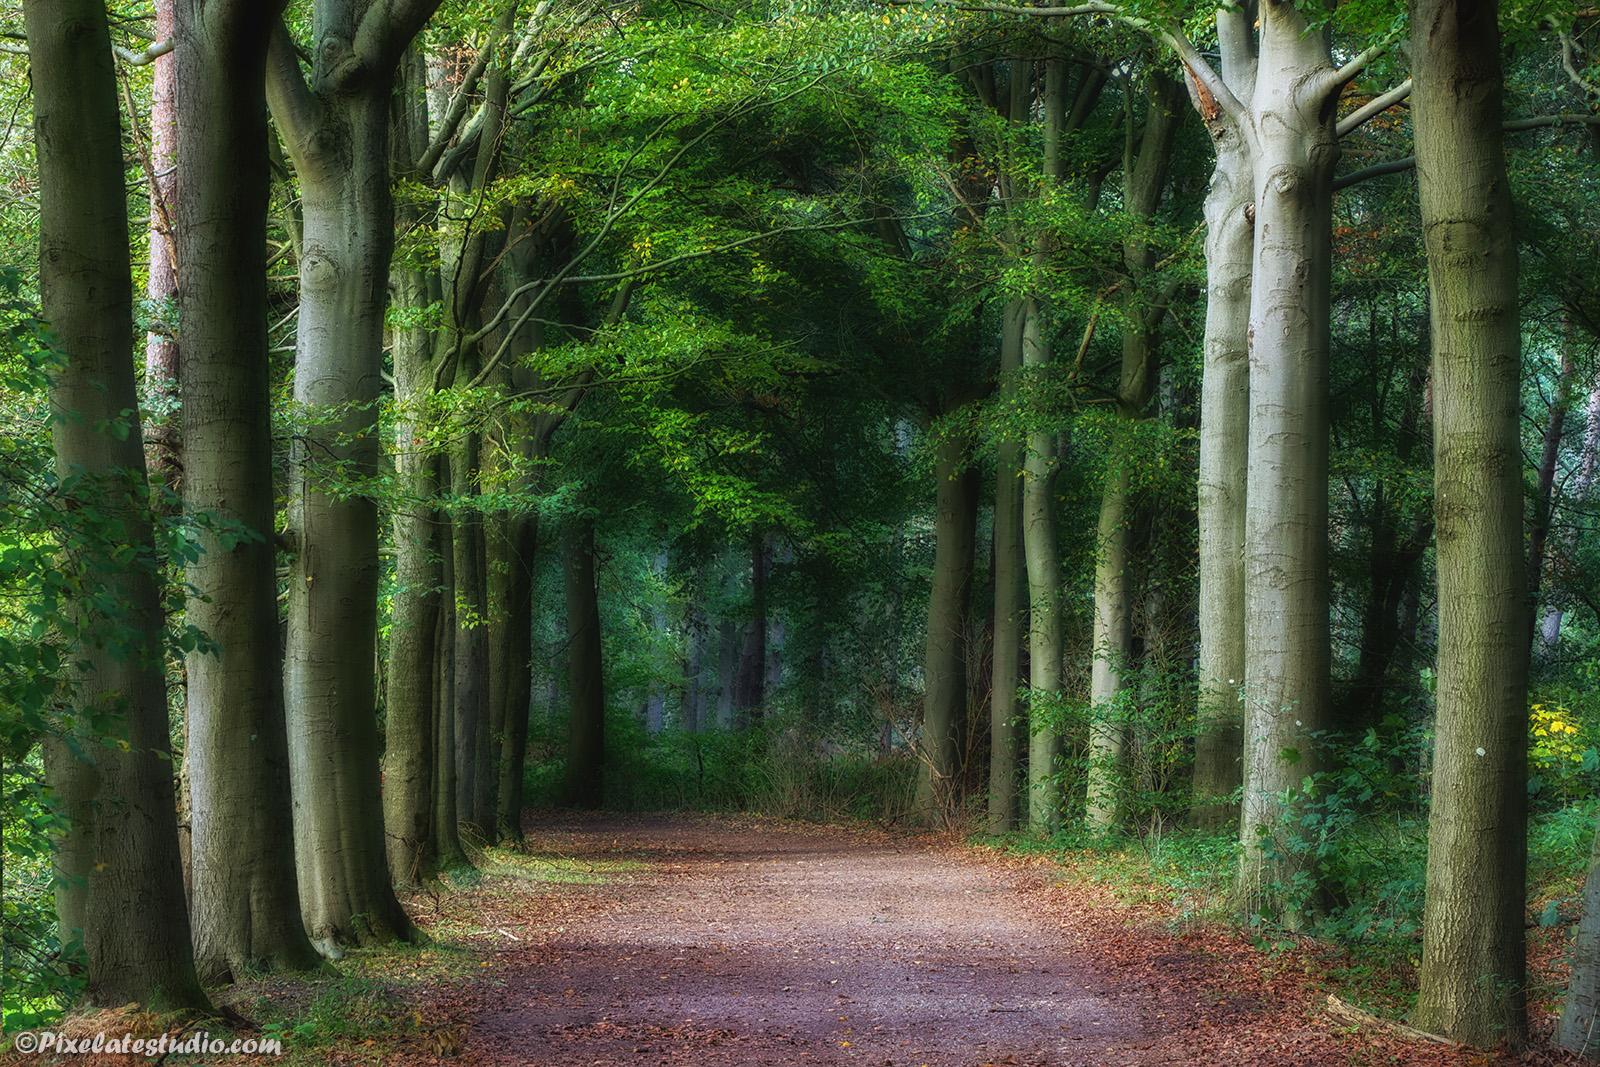 Mooie natuurfoto van een Bos